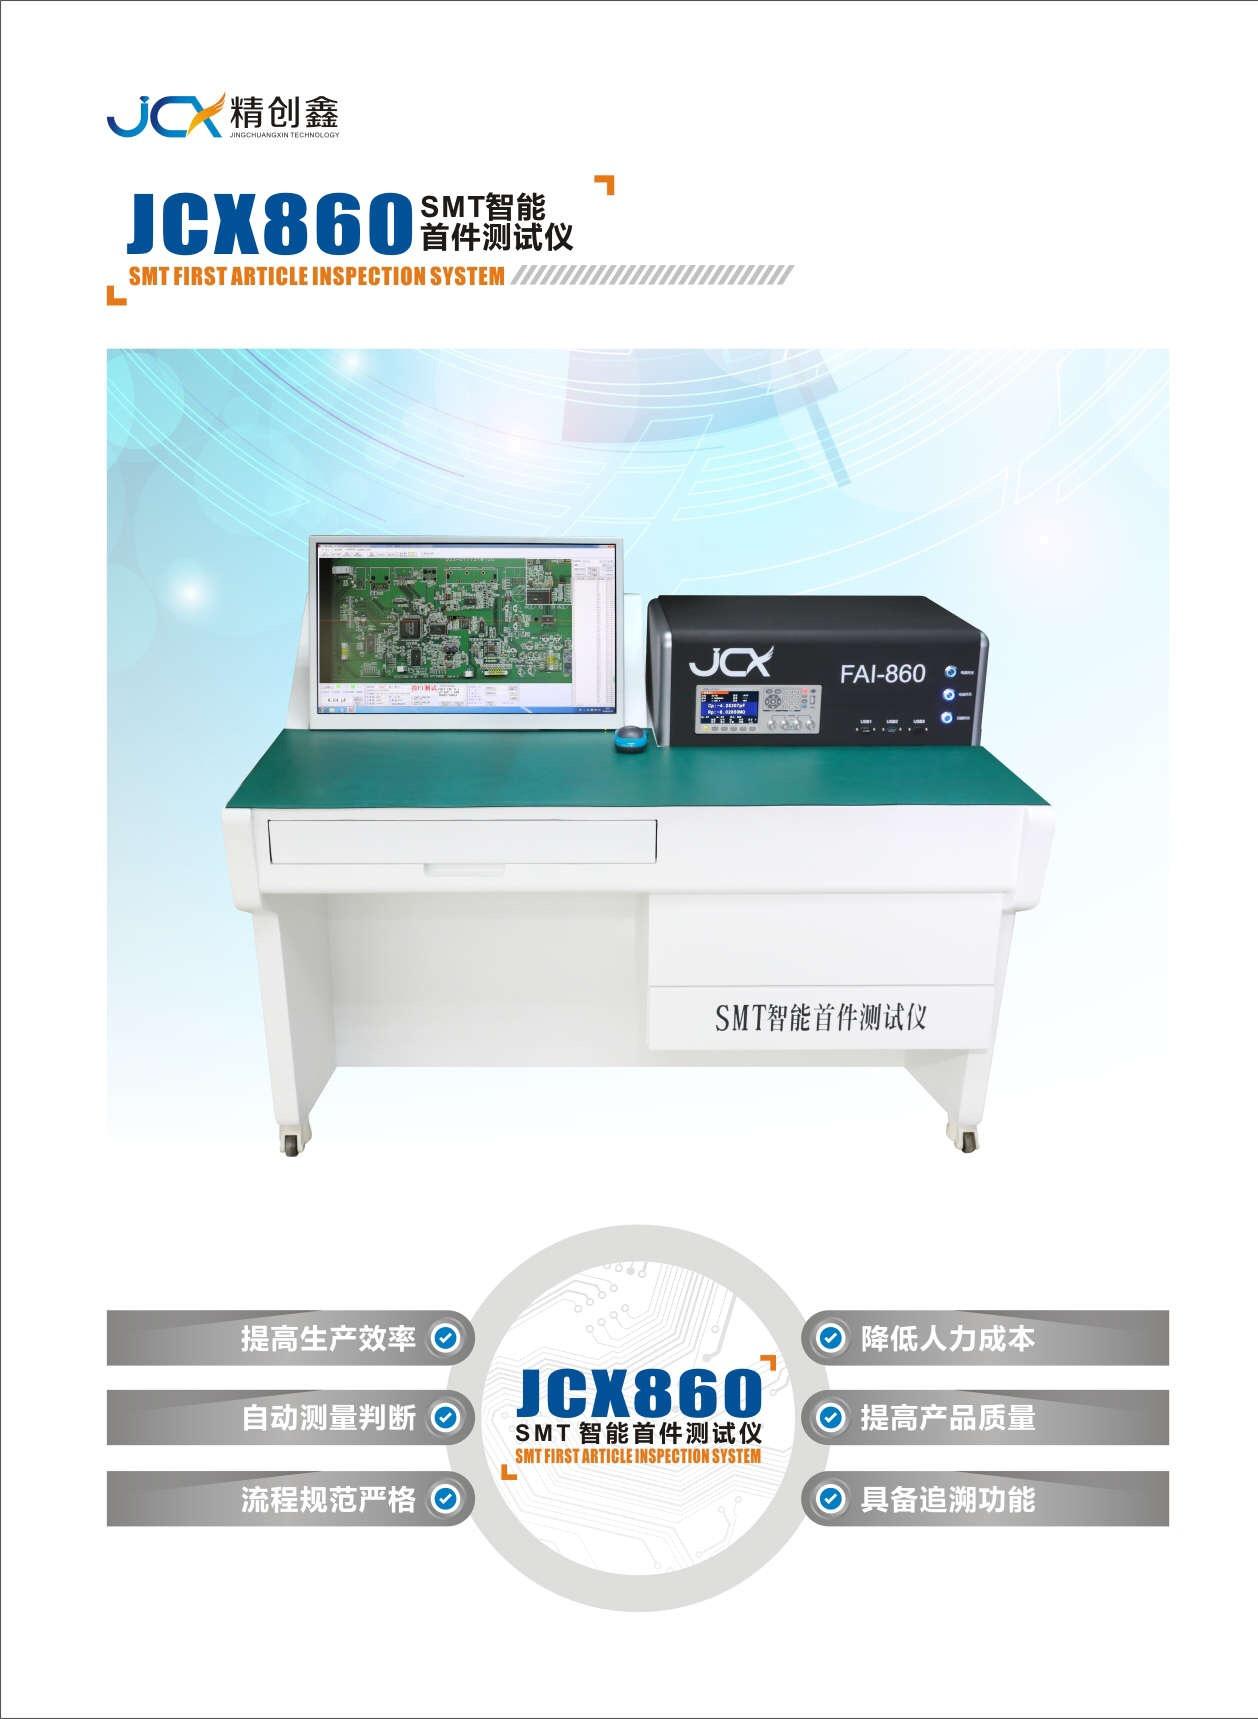 首件测试仪 SMT首件测试仪